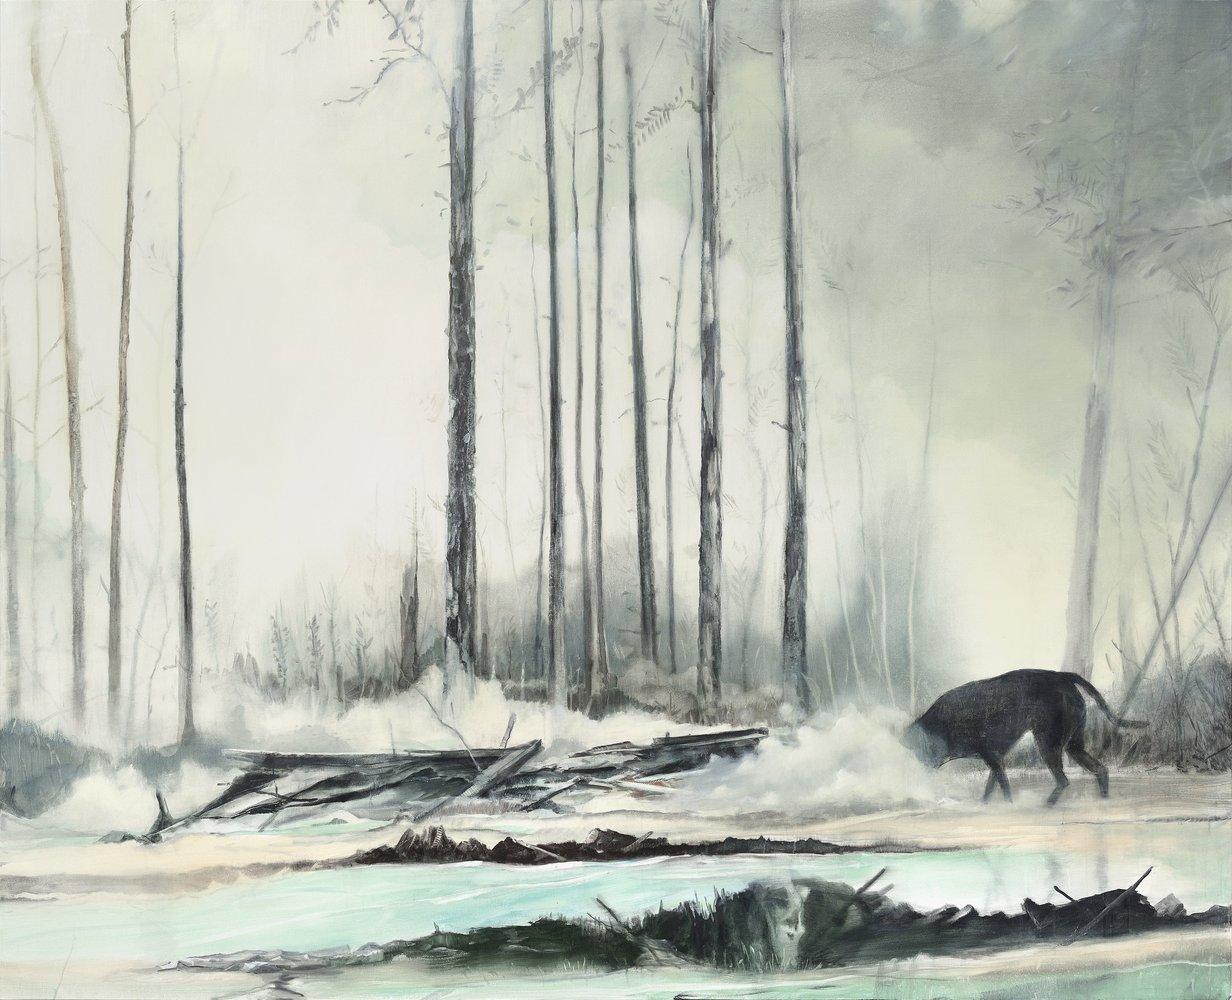 Thomas Ritz | OT – 245 x 200 cm – 2020, Pigment, Acrylharz / Lw, Kat-Nr. 2020-1011